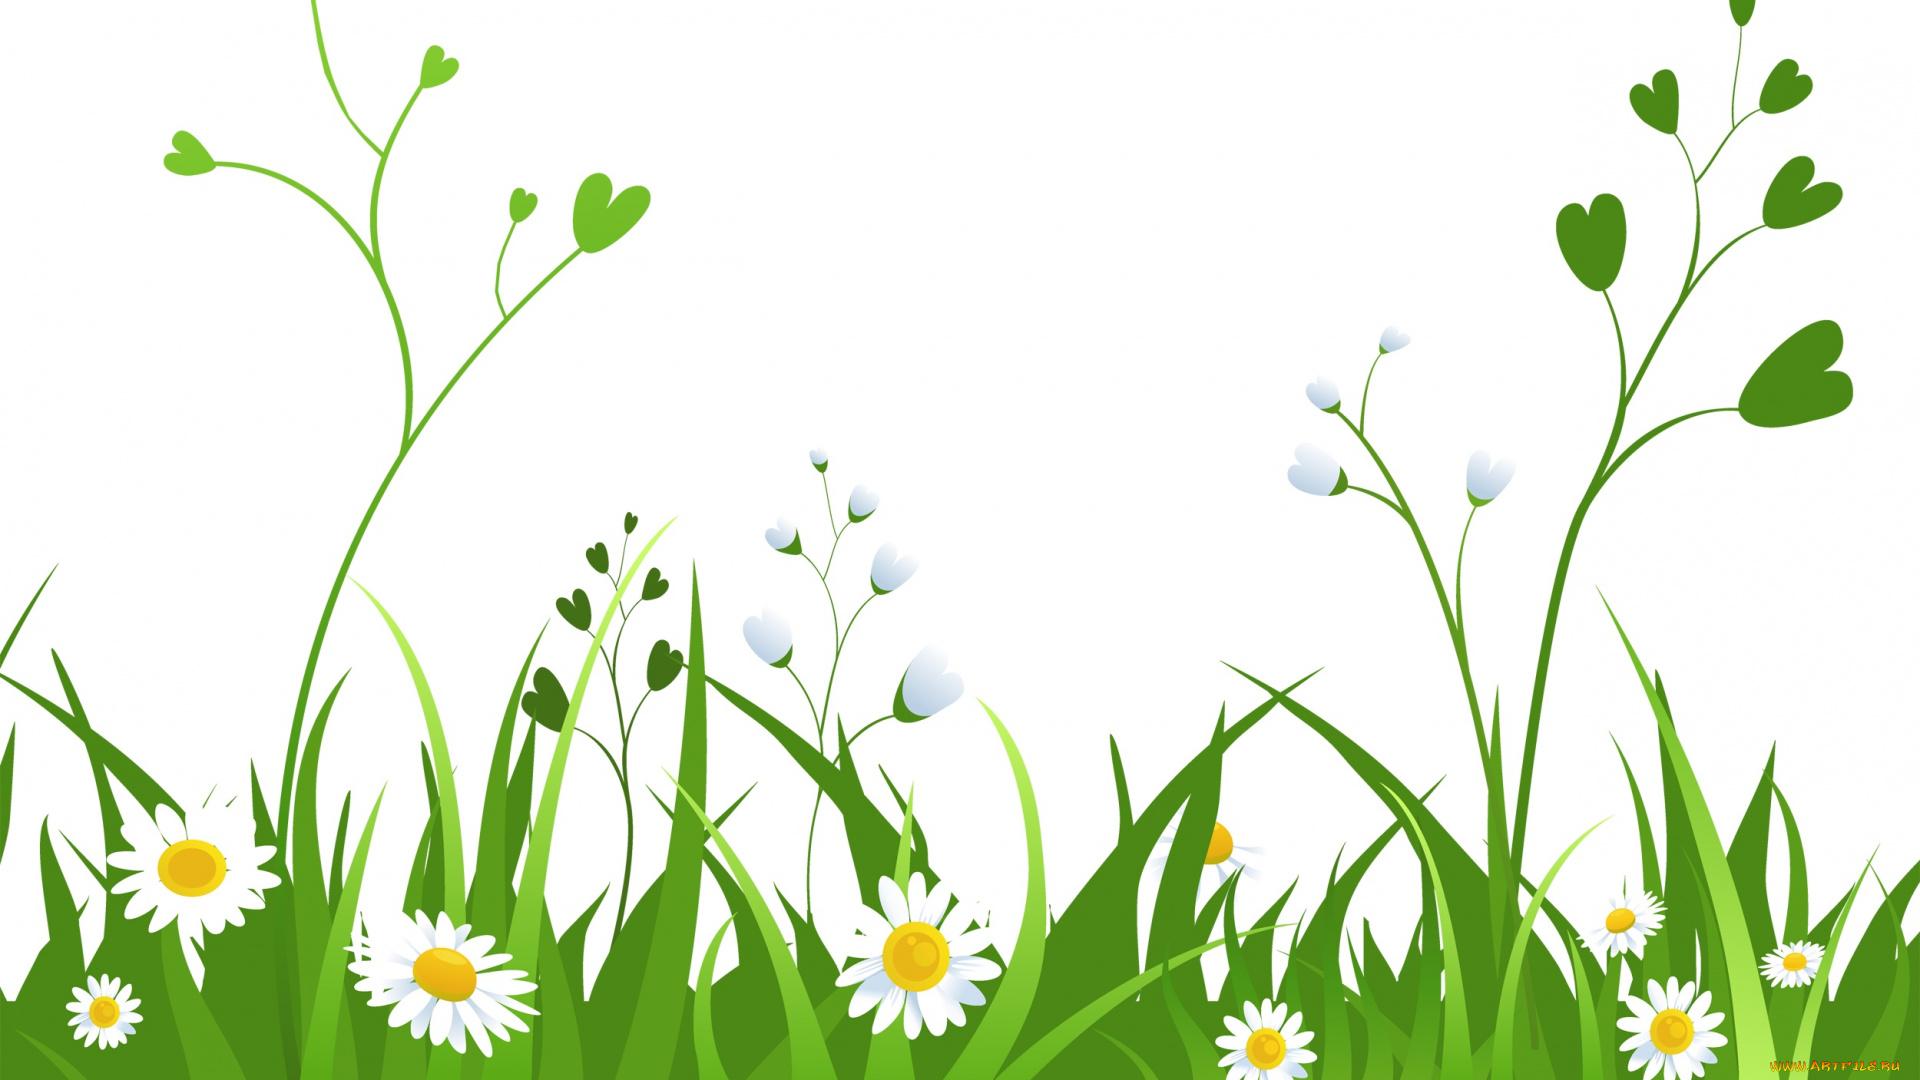 любовь трава цветы графика загрузить